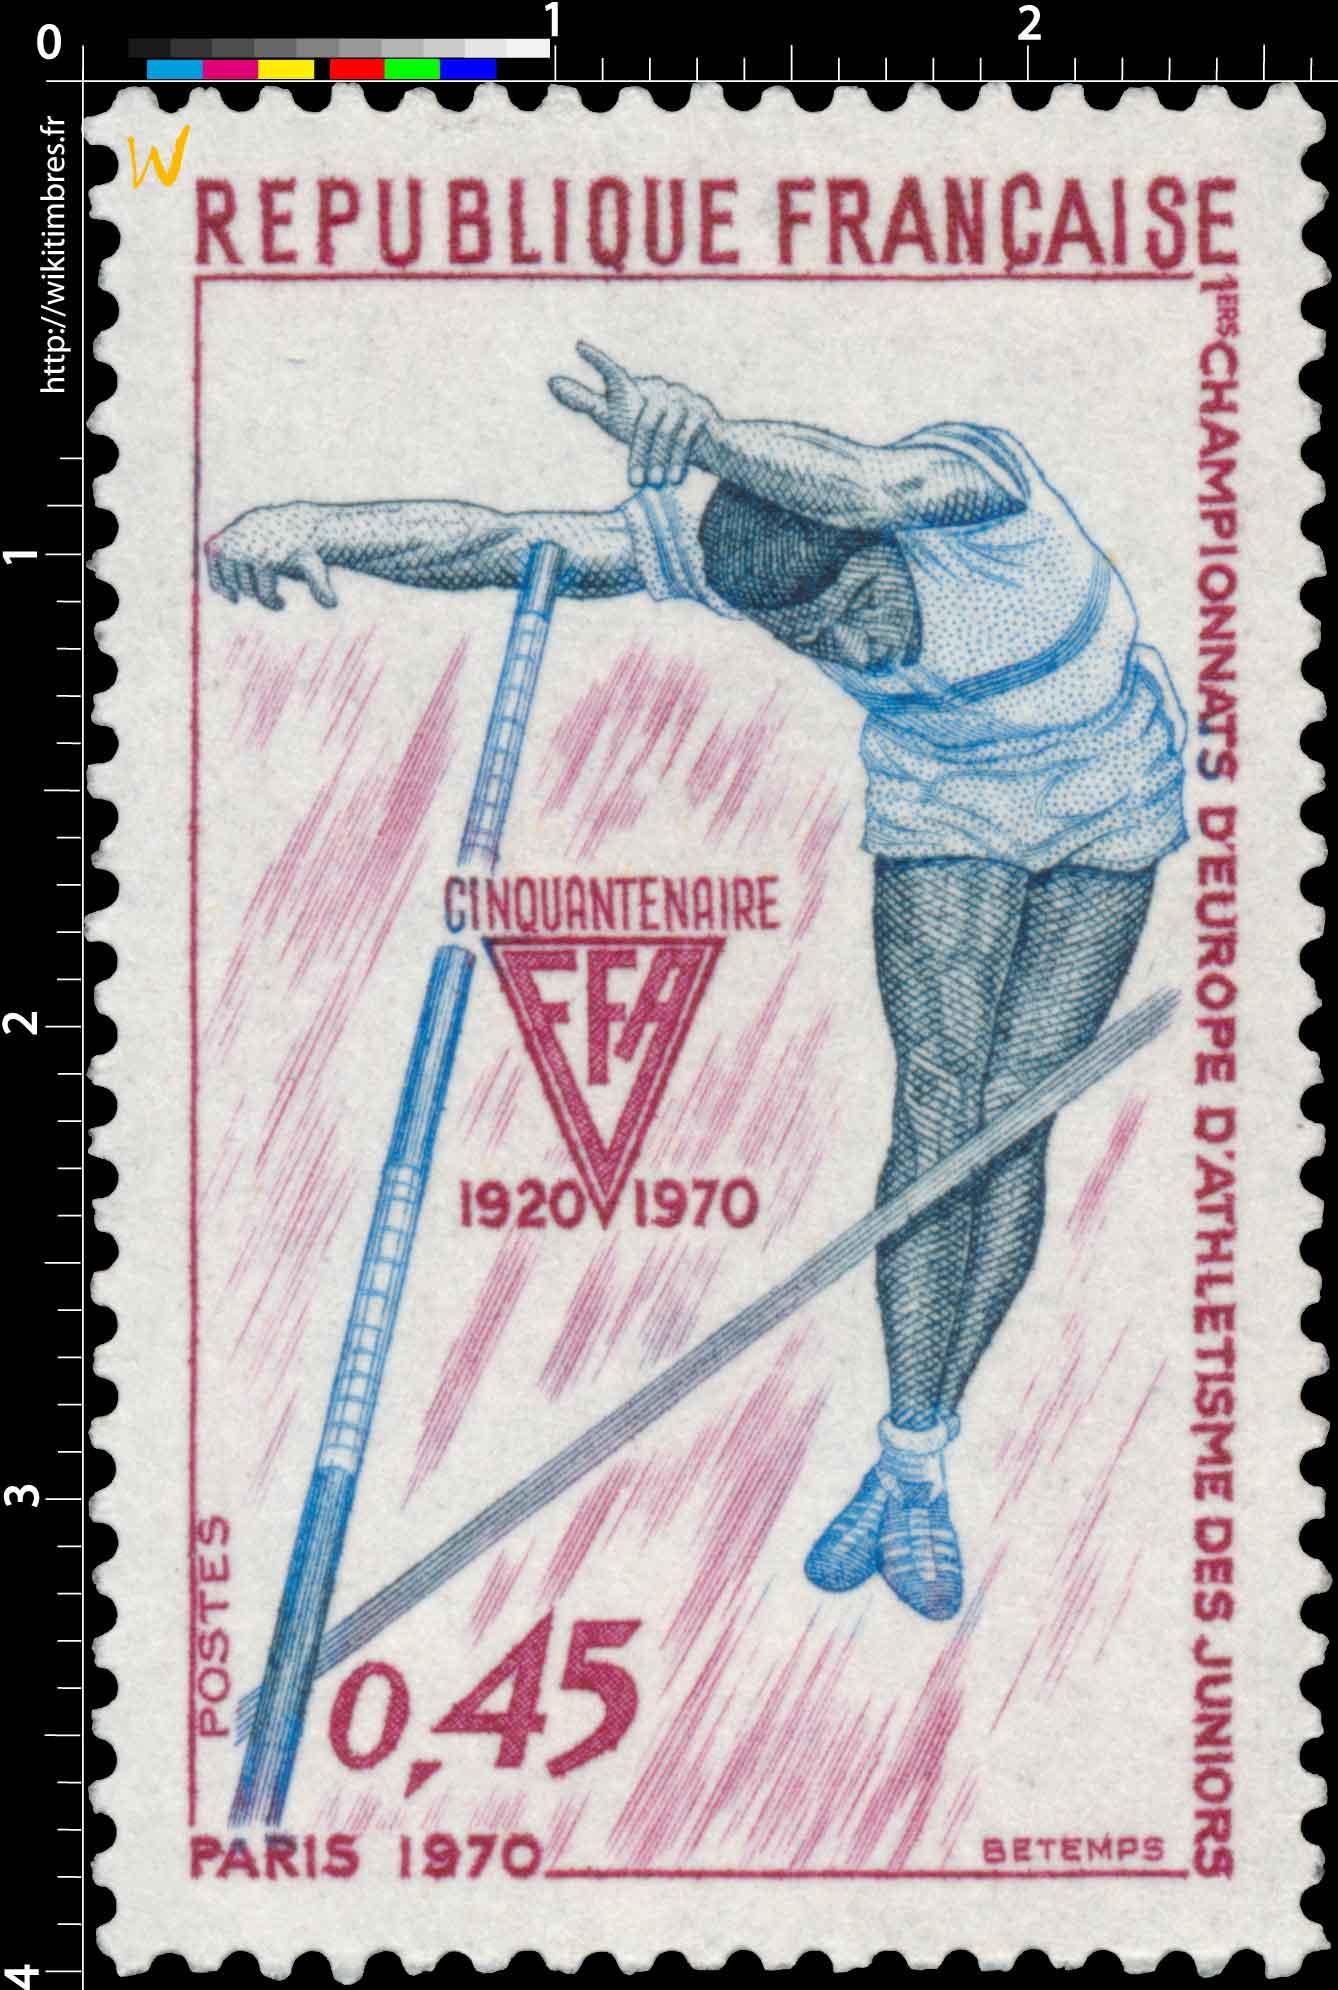 1ERS CHAMPIONNATS D'EUROPE D'ATHLÉTISME DES JUNIORS PARIS 1970 CINQUANTENAIRE FFA 1920-1970